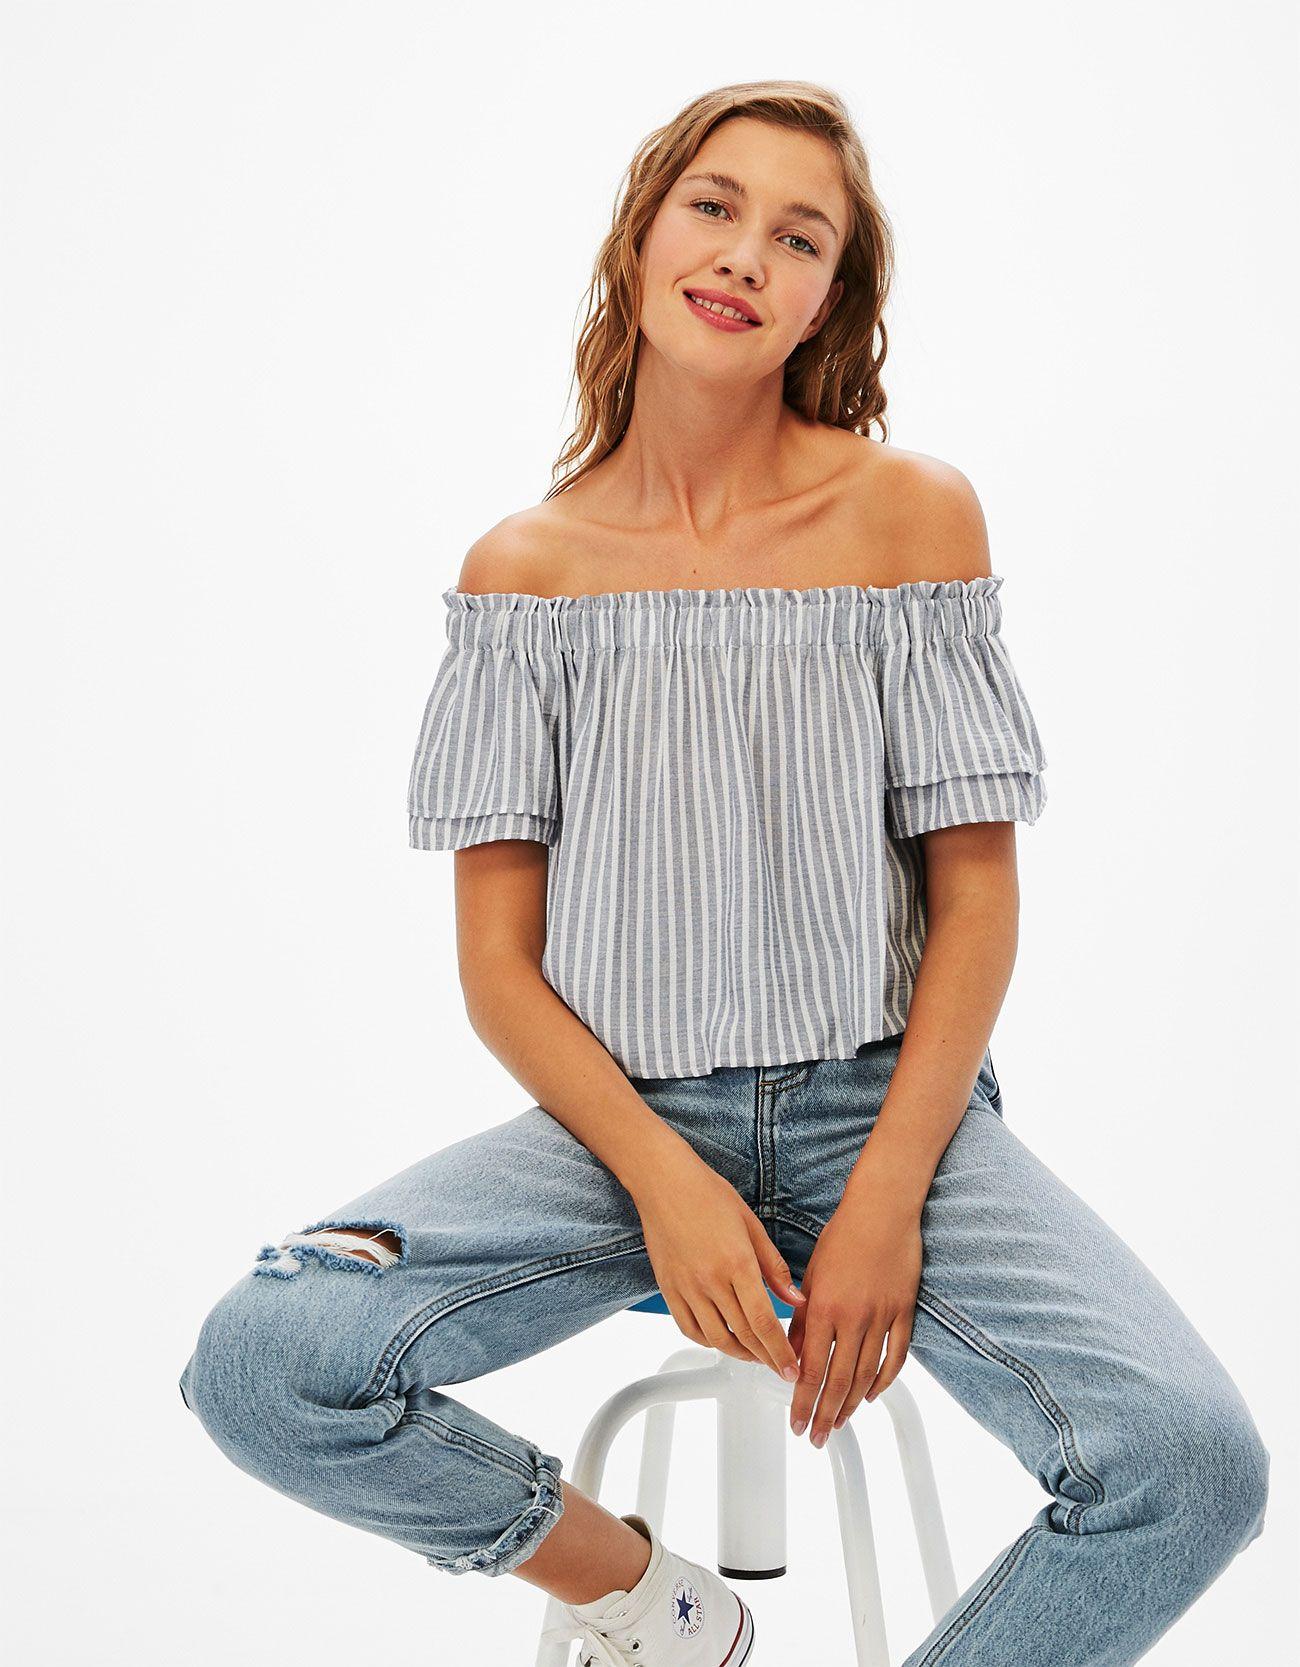 358710bca2 Descubre ésta y muchas otras prendas en Bershka con nuevos productos cada  semana